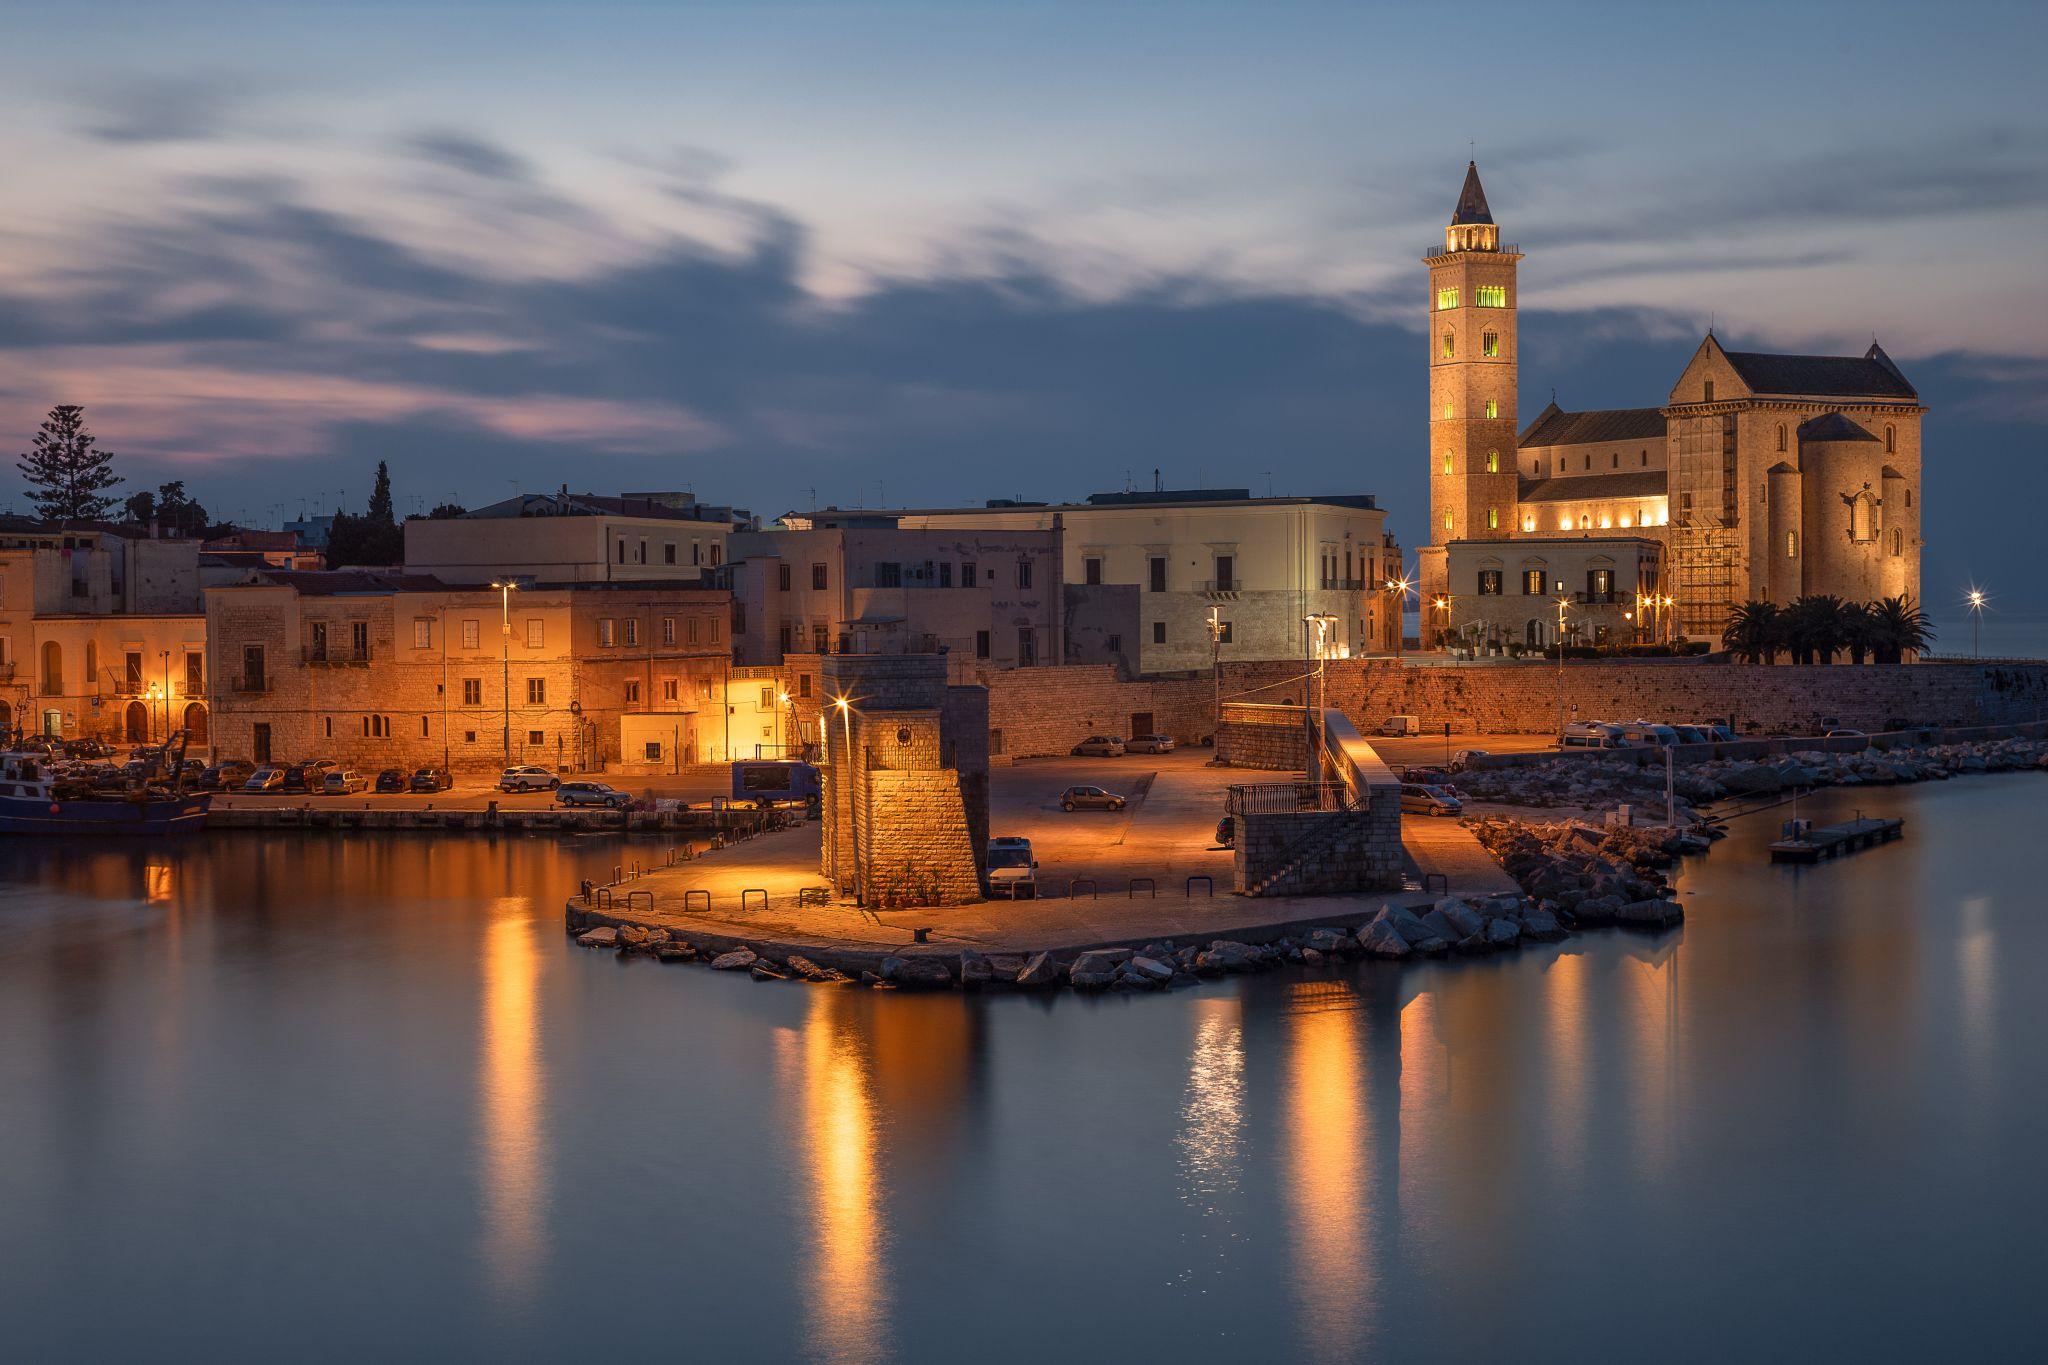 Trani Docks, Italy